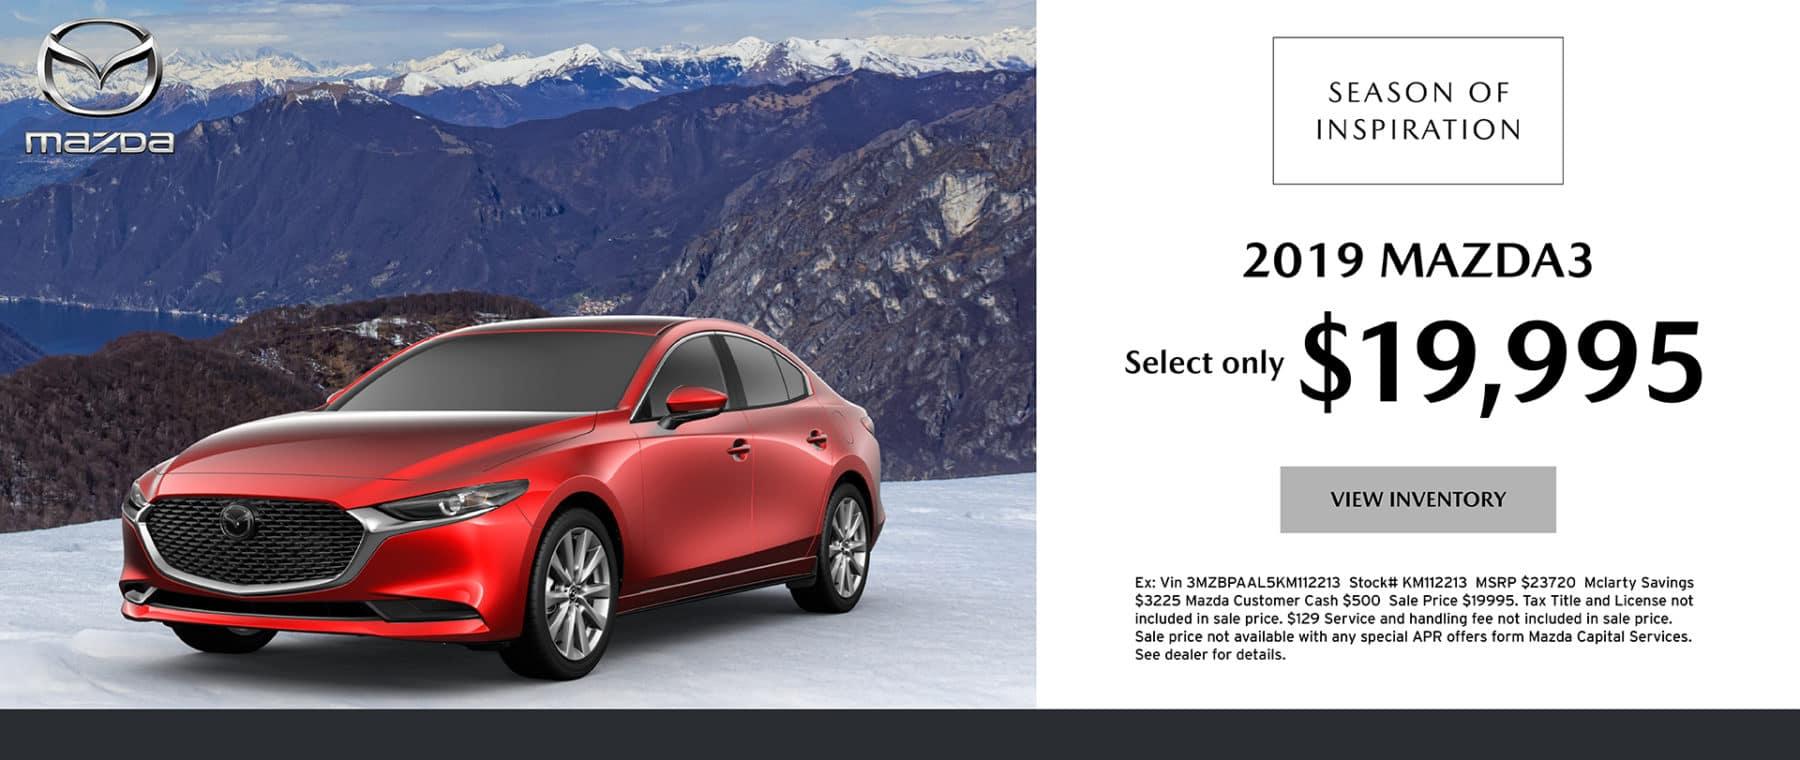 2019 Mazda3 Special